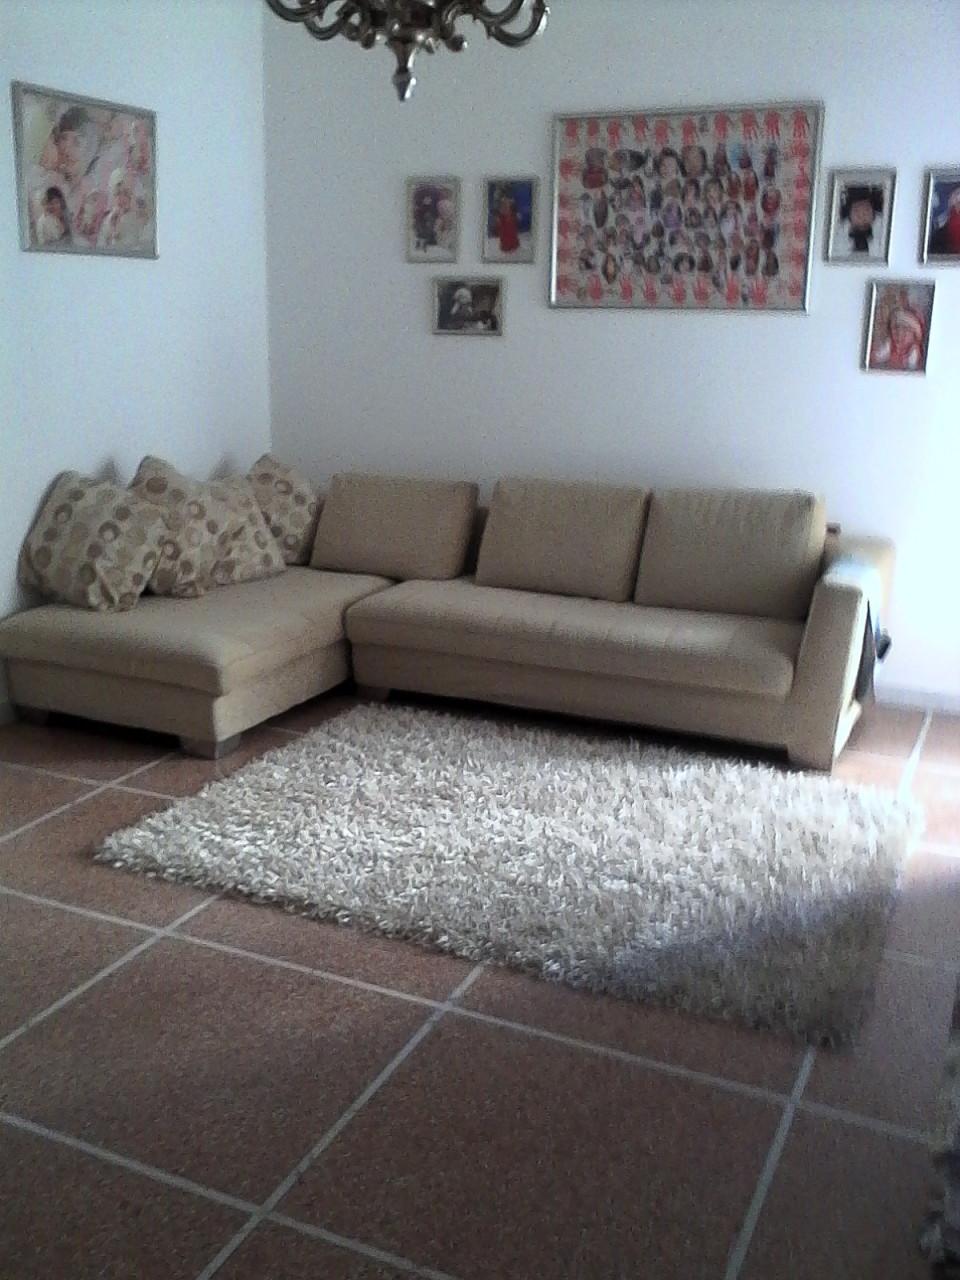 Appartamento in vendita a Livorno, 4 locali, prezzo € 199.000 | PortaleAgenzieImmobiliari.it